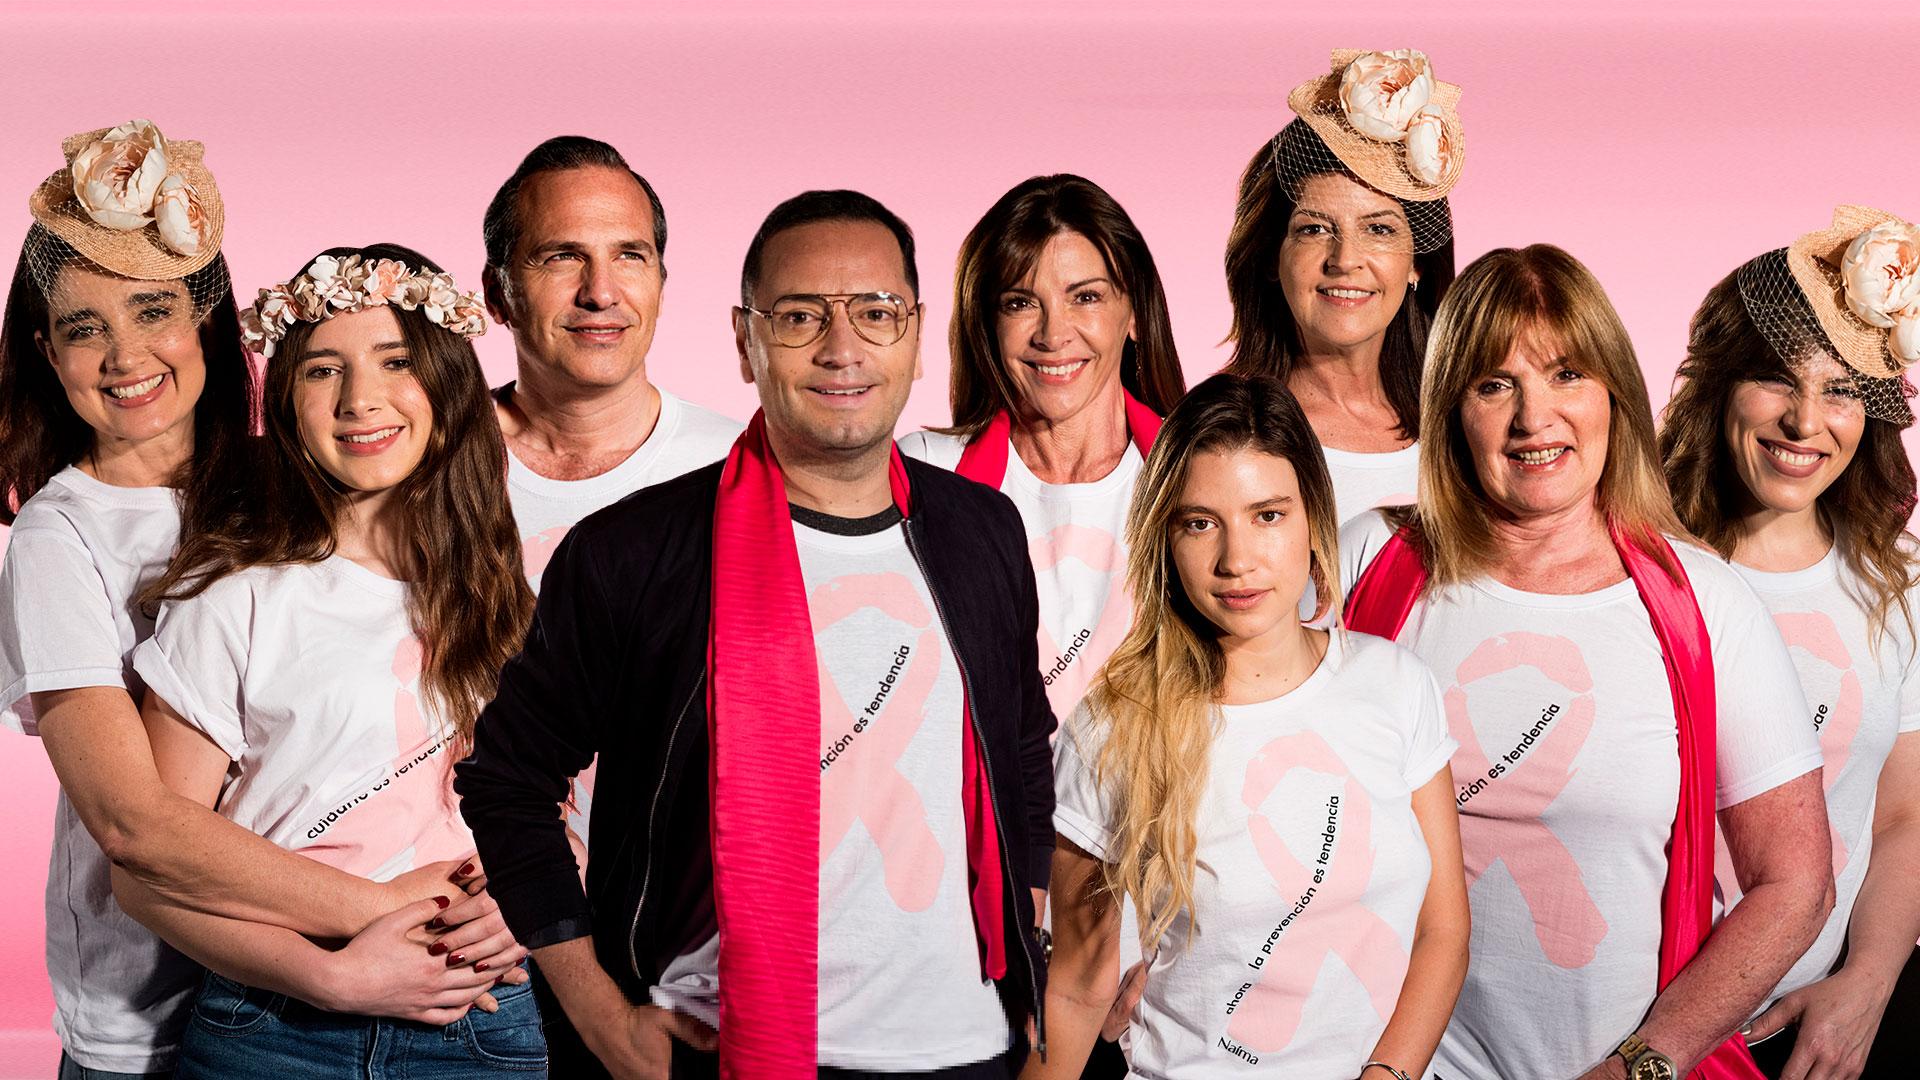 En una convocatoria masiva, Infobae realizó una espectacular campaña de concientización en la lucha contra el cáncer de mama. Referentes del mundo lifestyle fueron los protagonistas (Gustavo Saiegh)